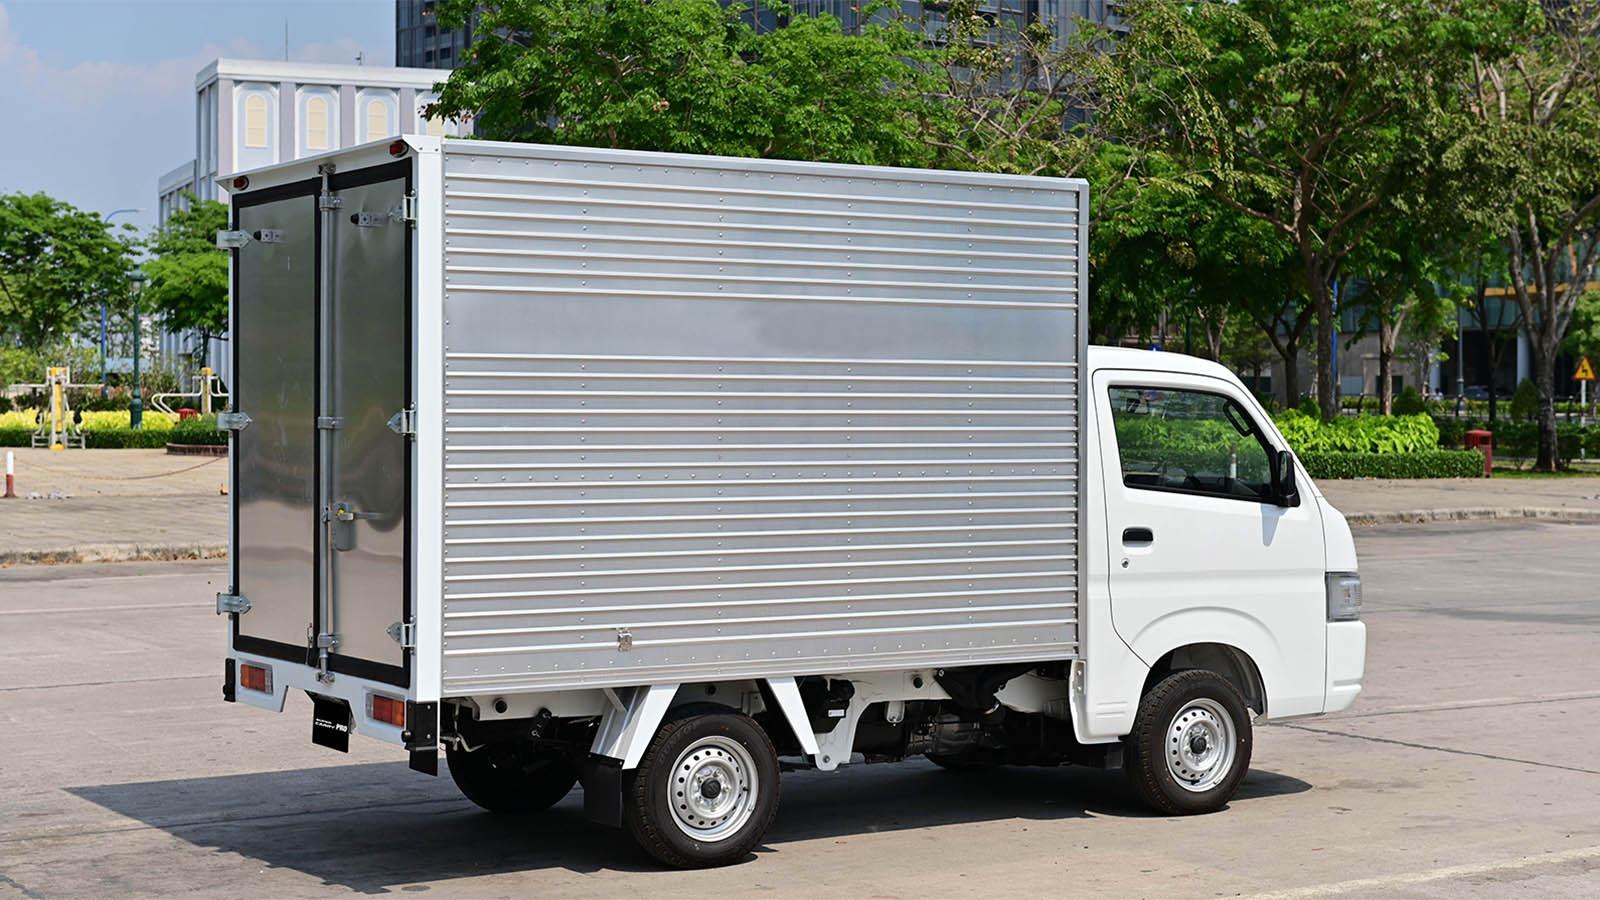 Thùng xe rộng rãi với khả năng chịu tải lên đến gần 1 tấn, ngoài ra sàn thùng Carry Pro được làm từ thép tấm mạ kẽm chống ăn mòn và gỉ sét.